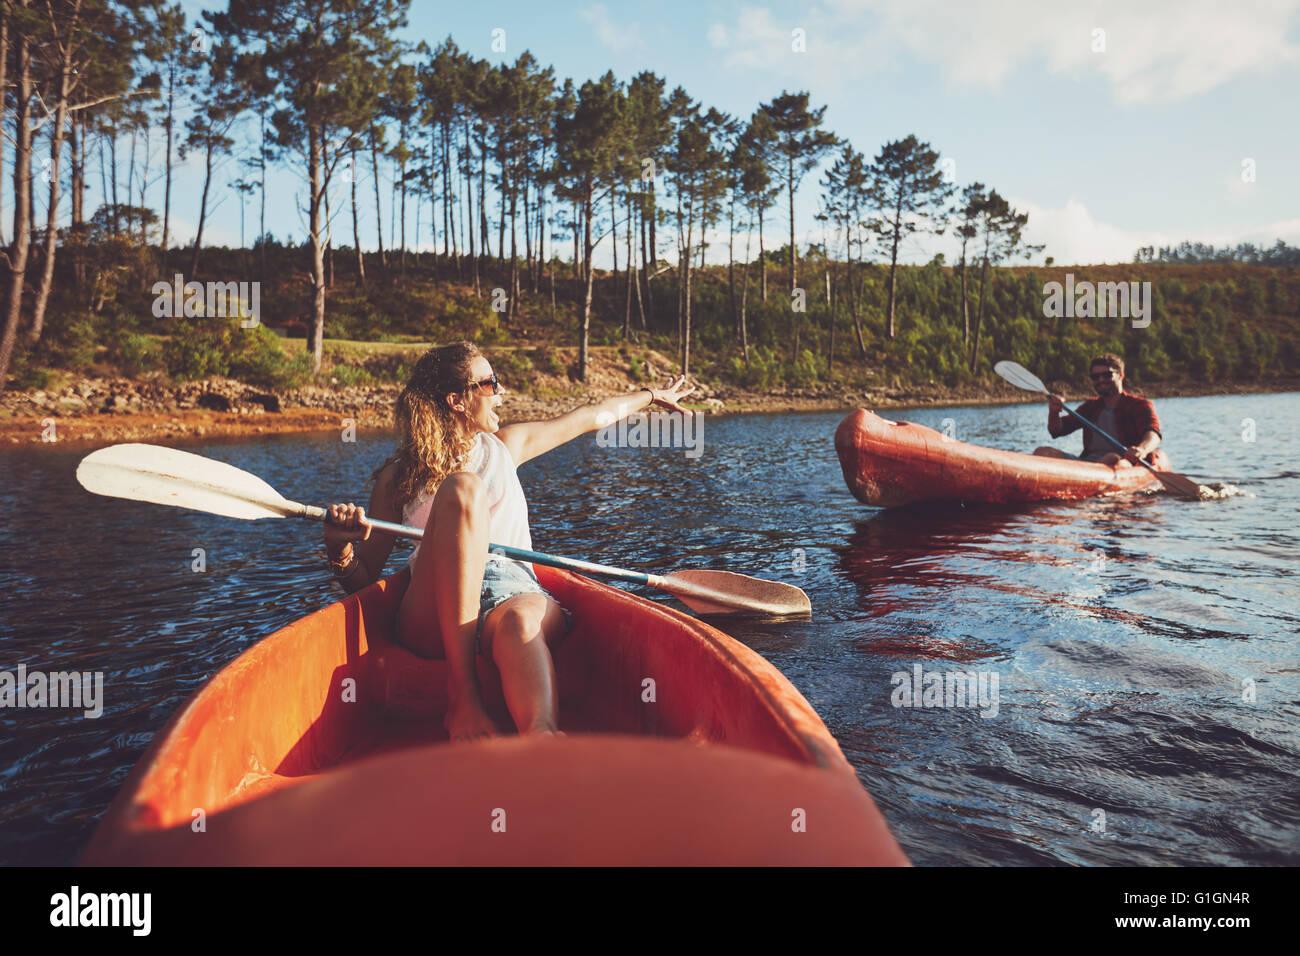 Jeune couple canoë sur le lac. Les jeunes kayakistes profiter d'une journée au bord du lac. Photo Stock